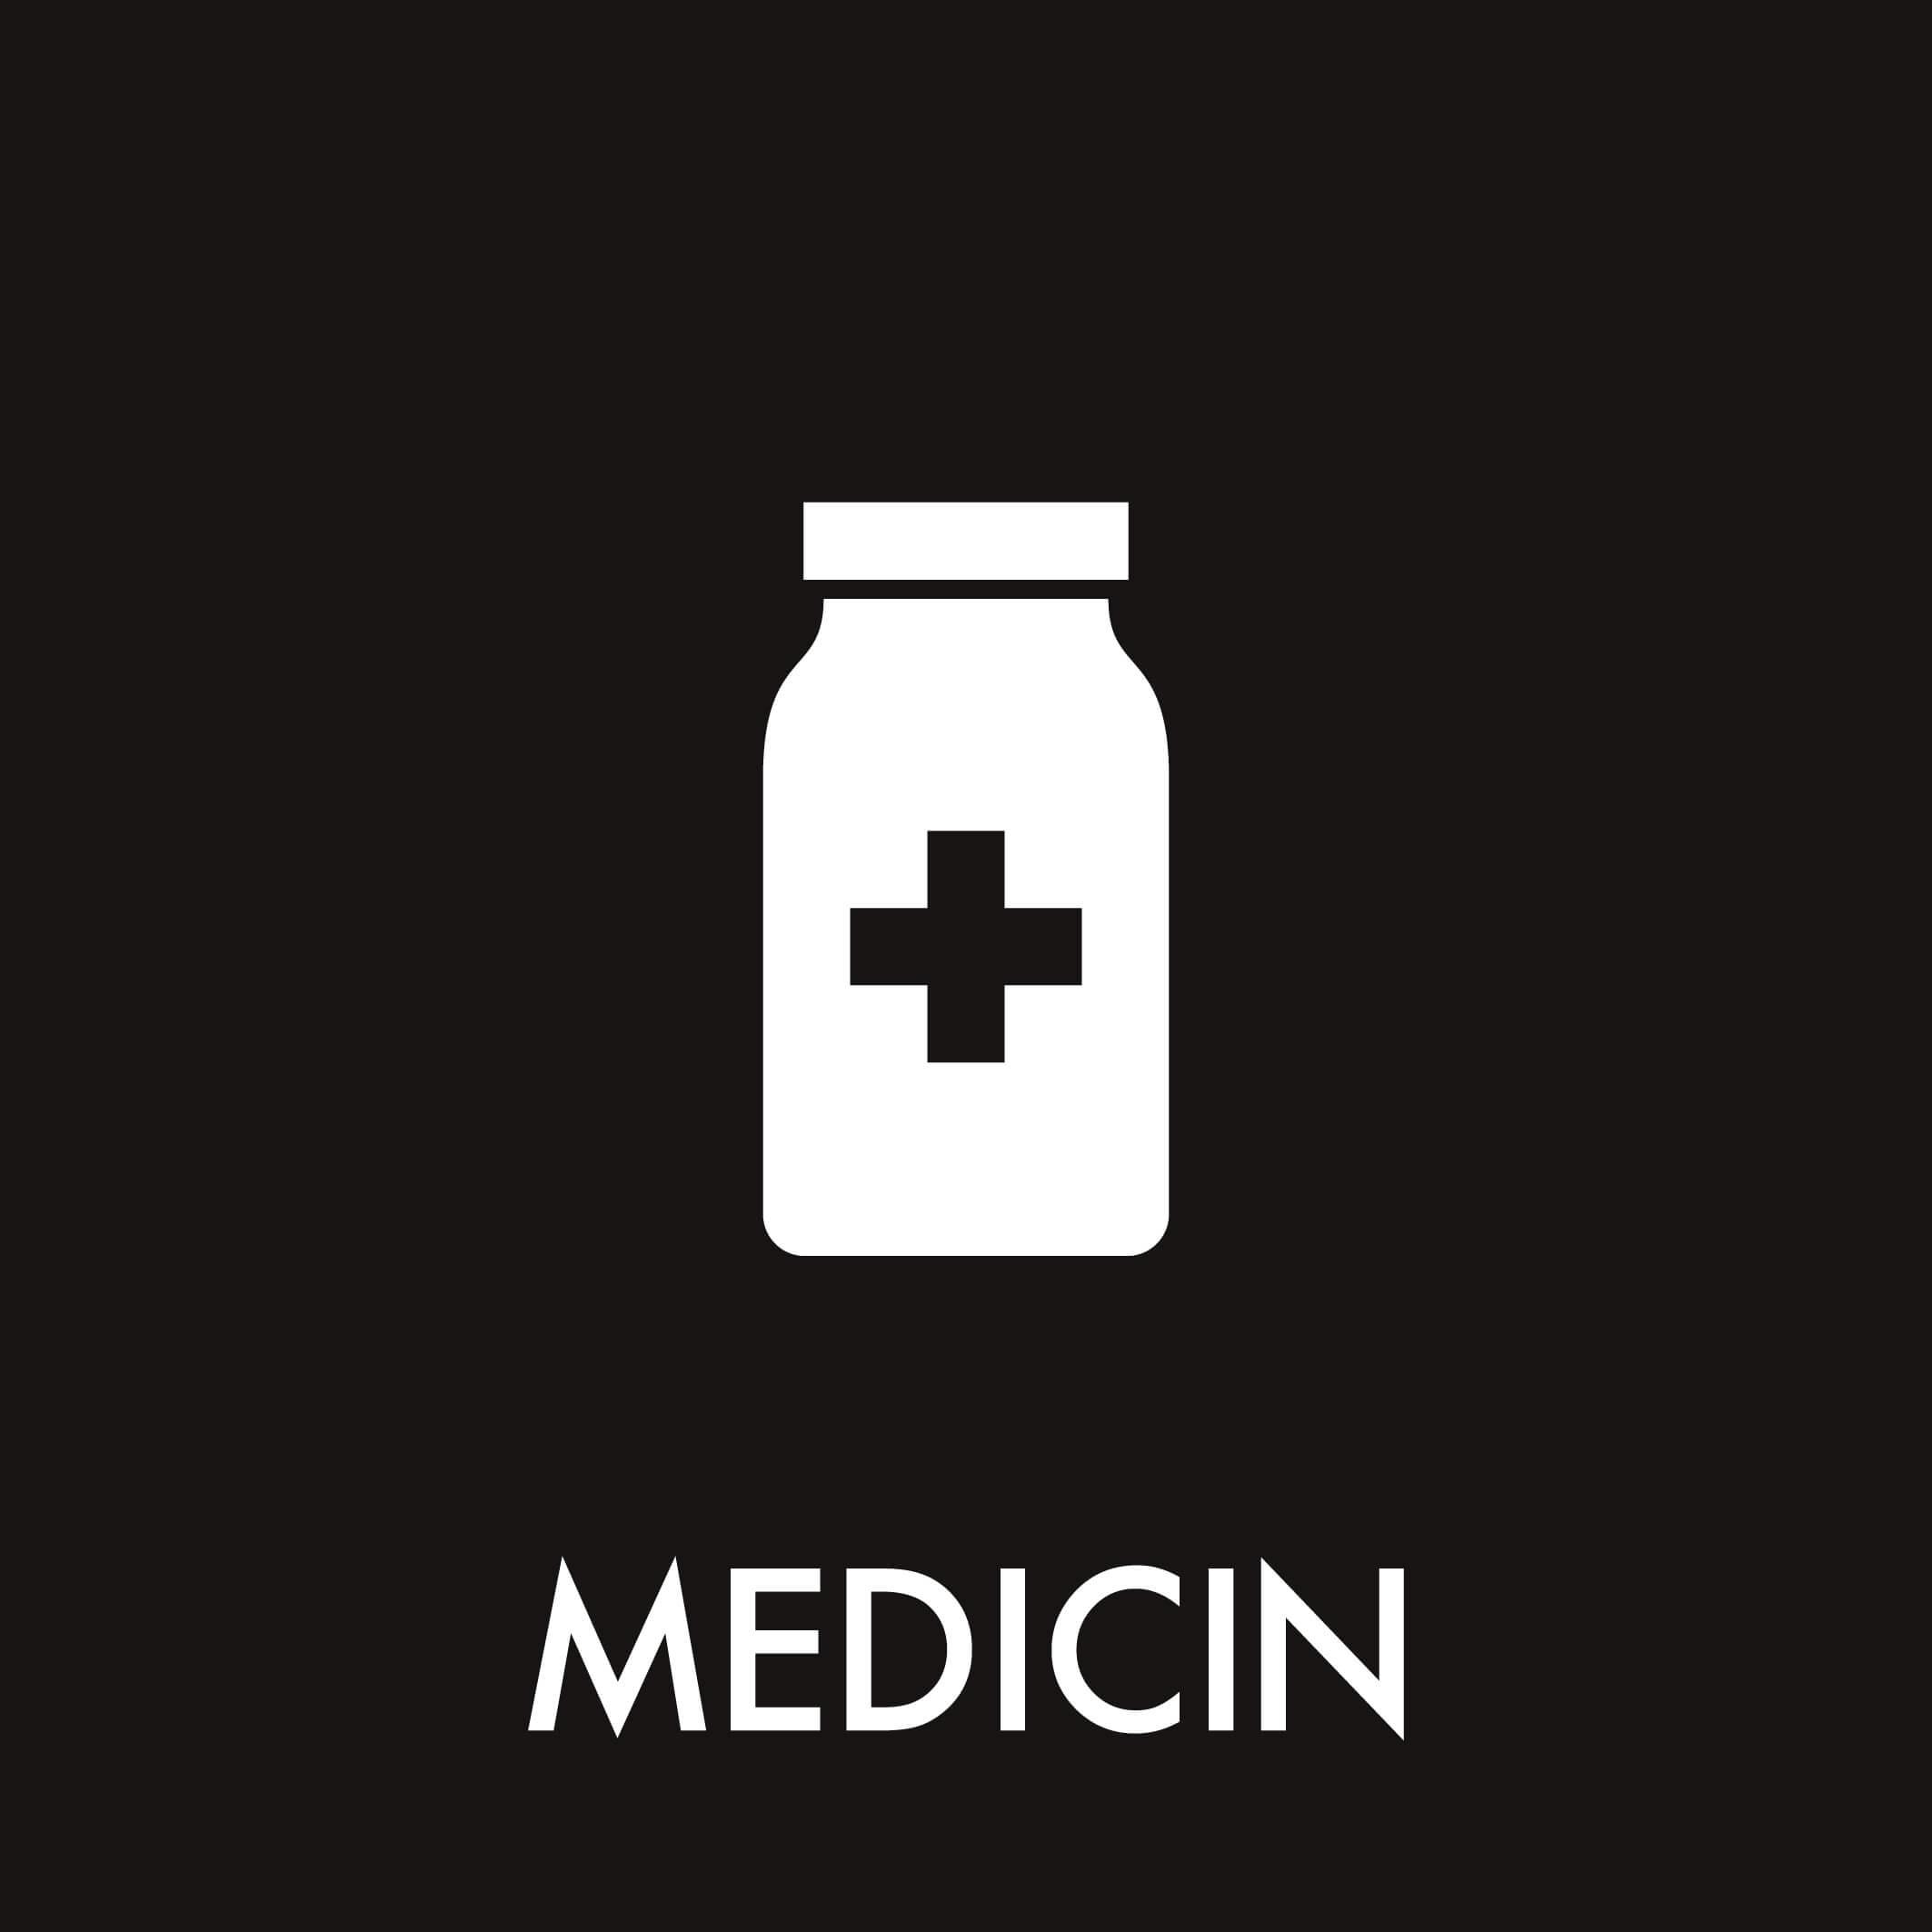 Dansk Affaldssortering - Medicin sort